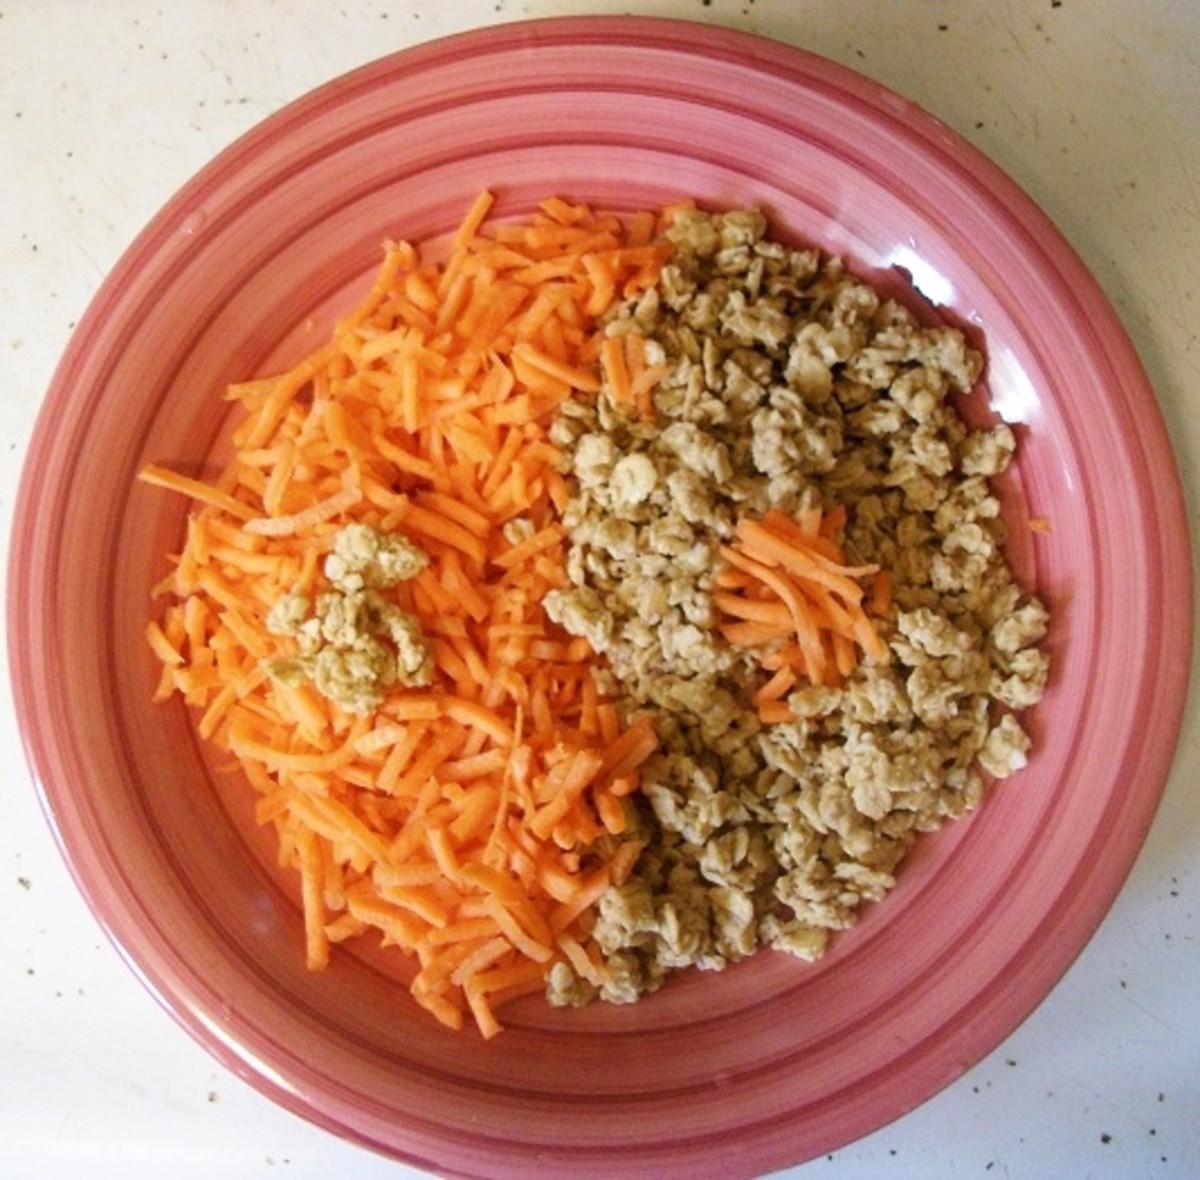 Star Ingredients: Carrot & Granola